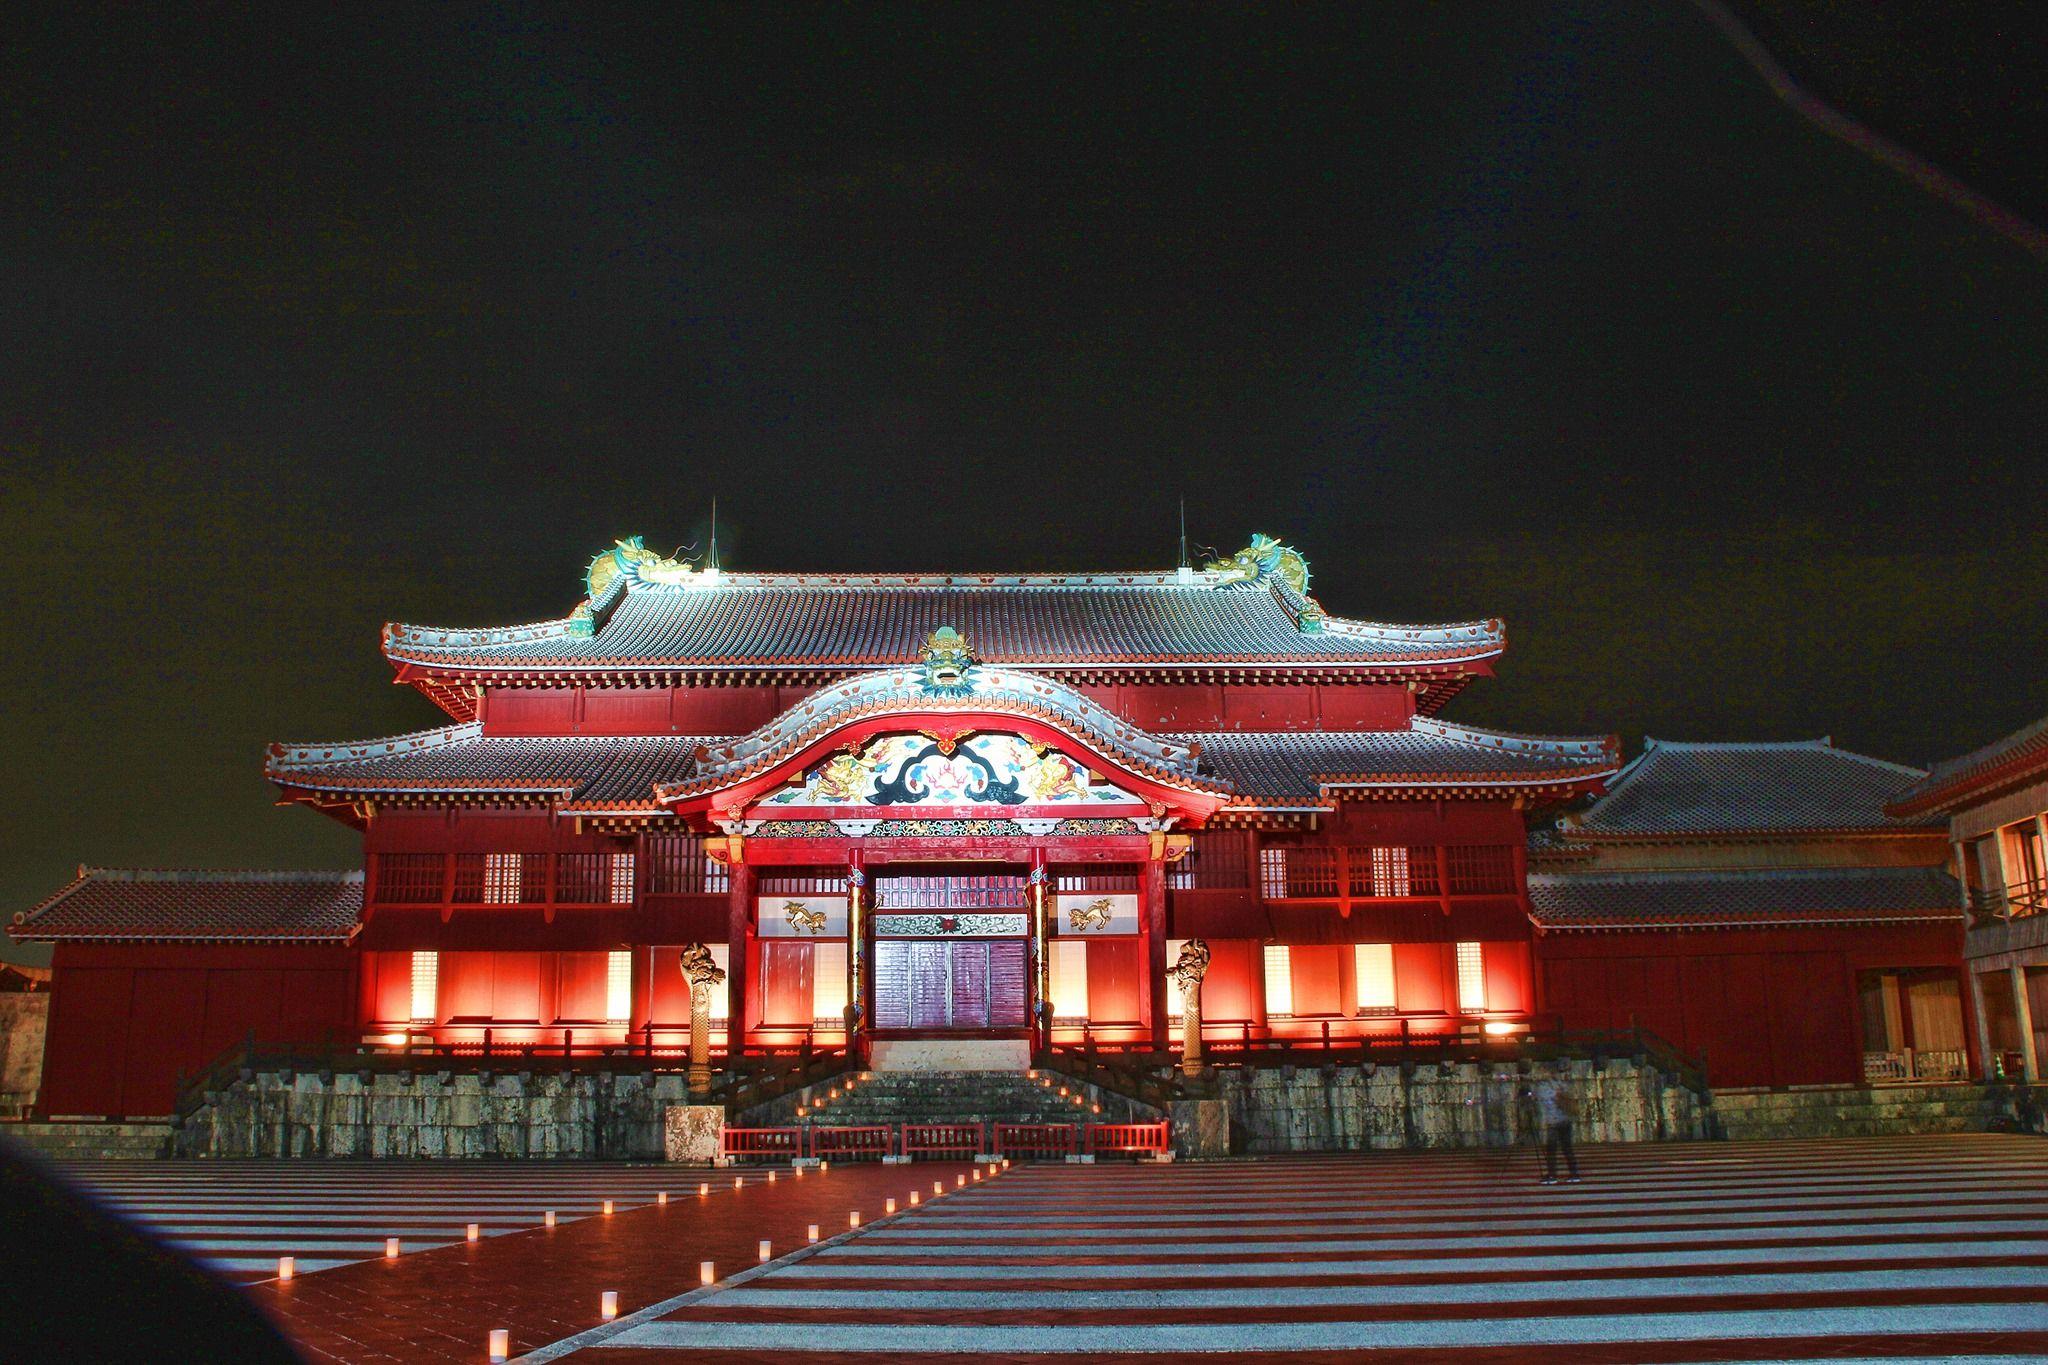 イルミナティ カード 首 里 城 【衝撃 予言】「2020年 東京崩壊?」未来を予言するイルミナティカード